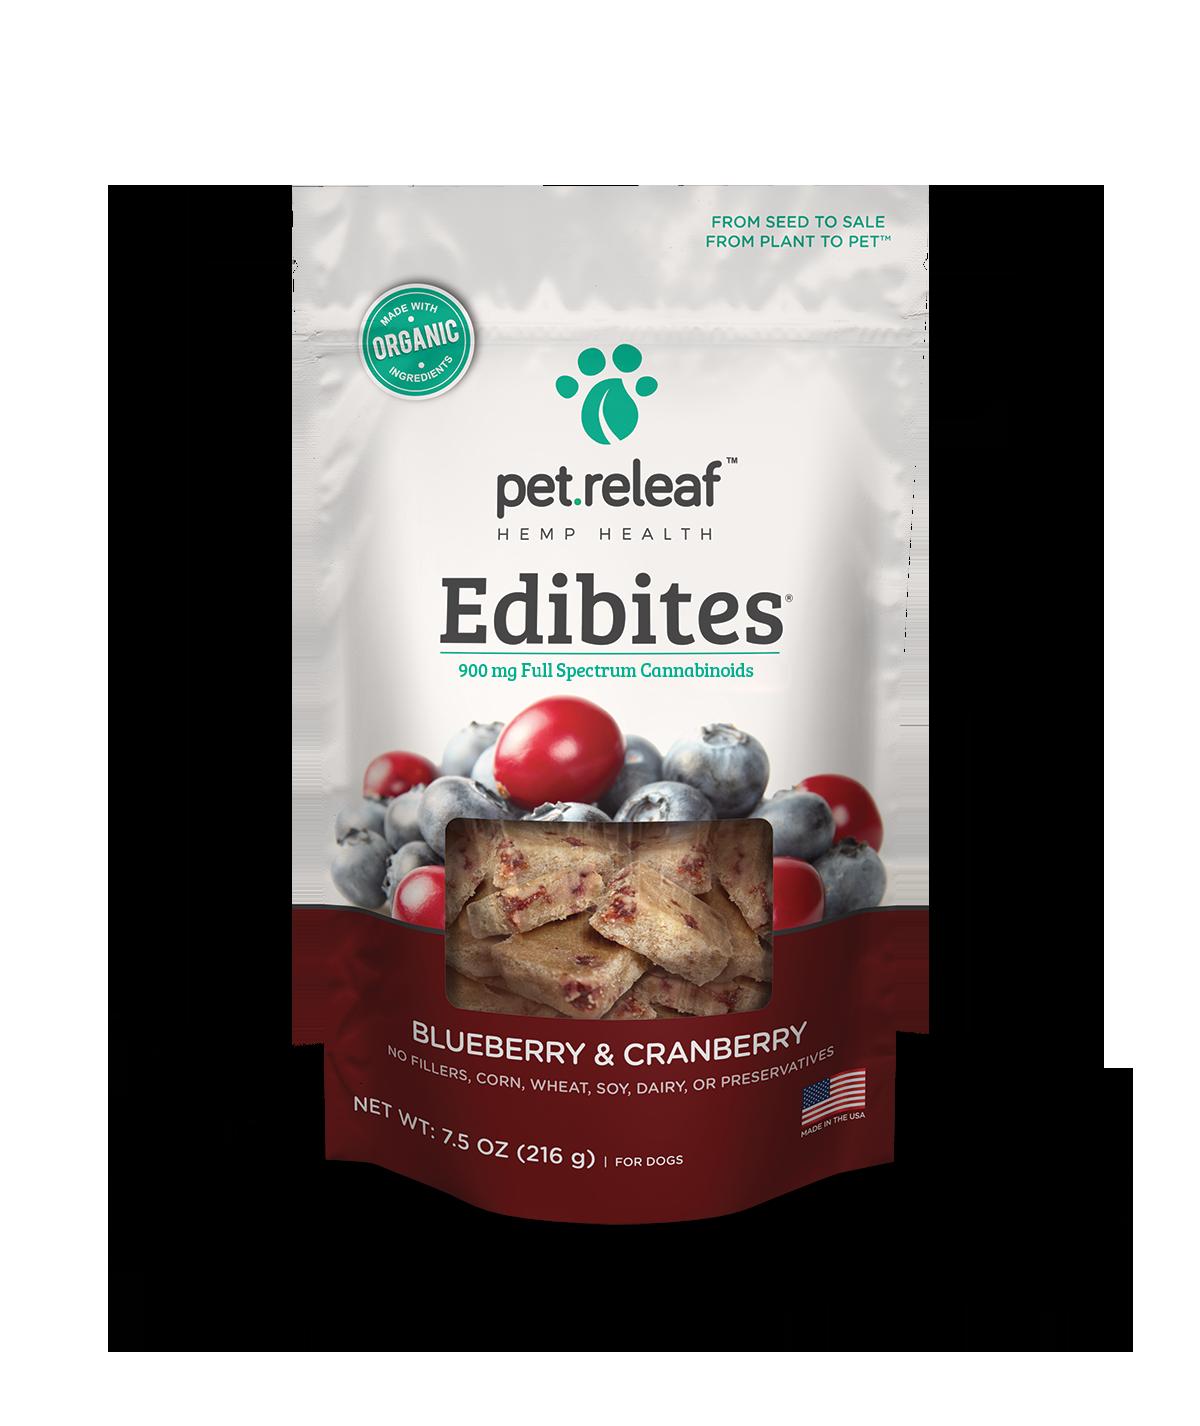 CBD Dog Treats – Hemp Oil Edibites with Blueberry & Cranberry Elixinol